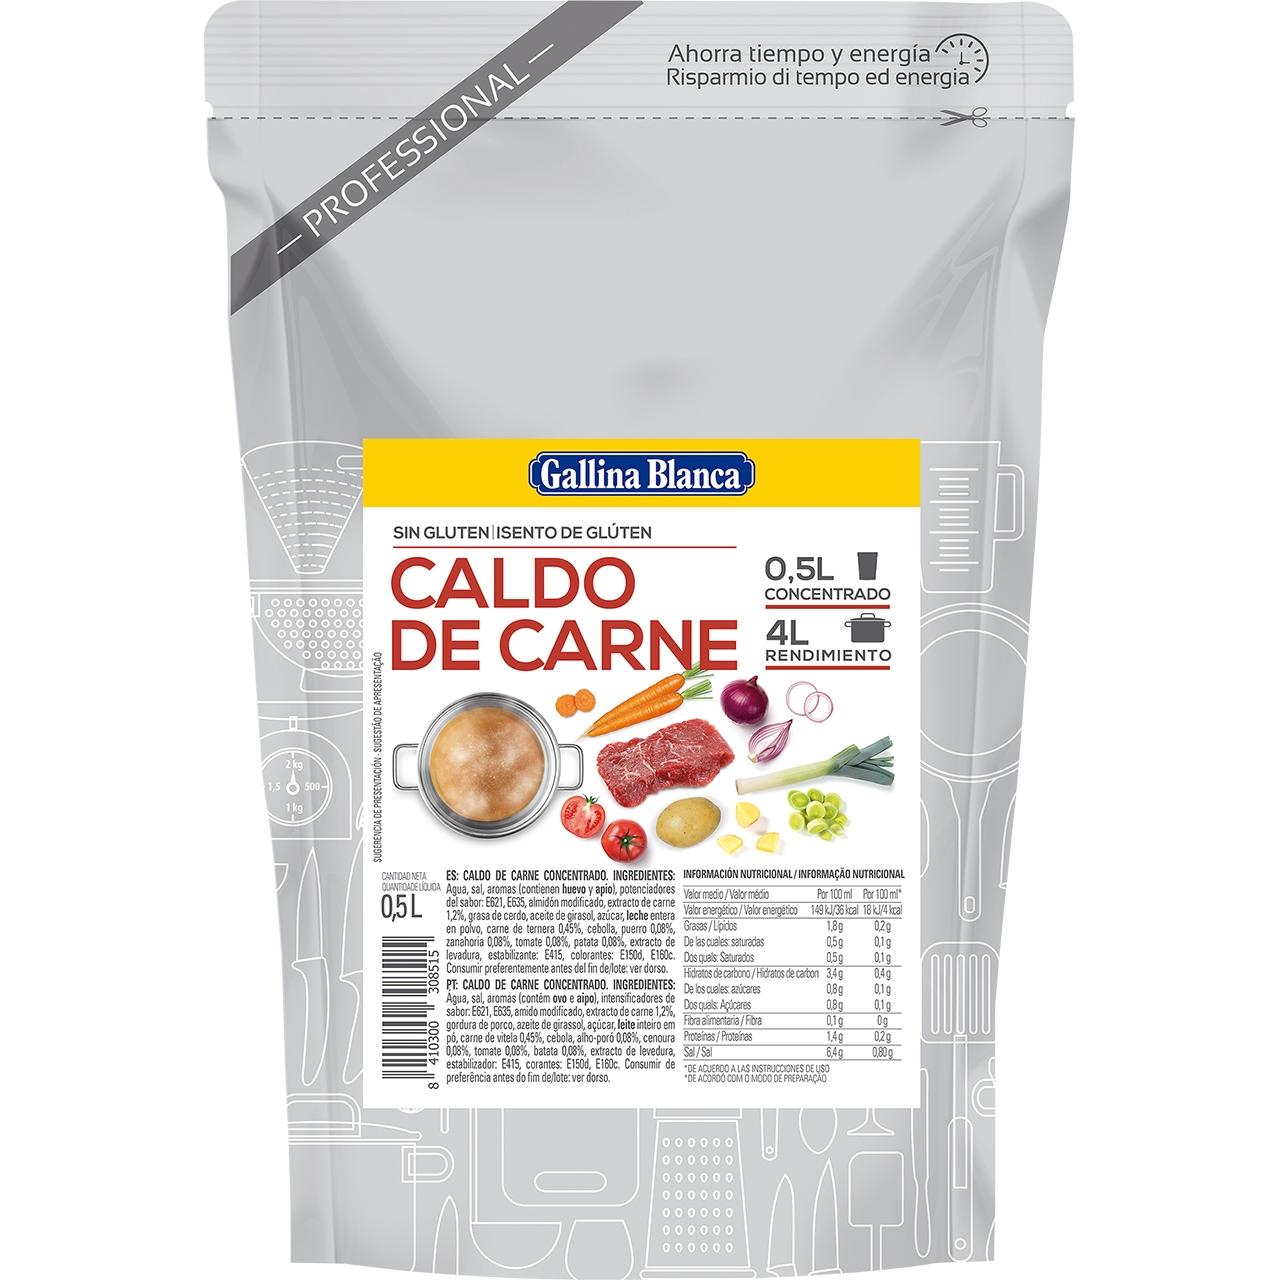 Caldo concentrado de carne 0,5l. Gallina Blanca